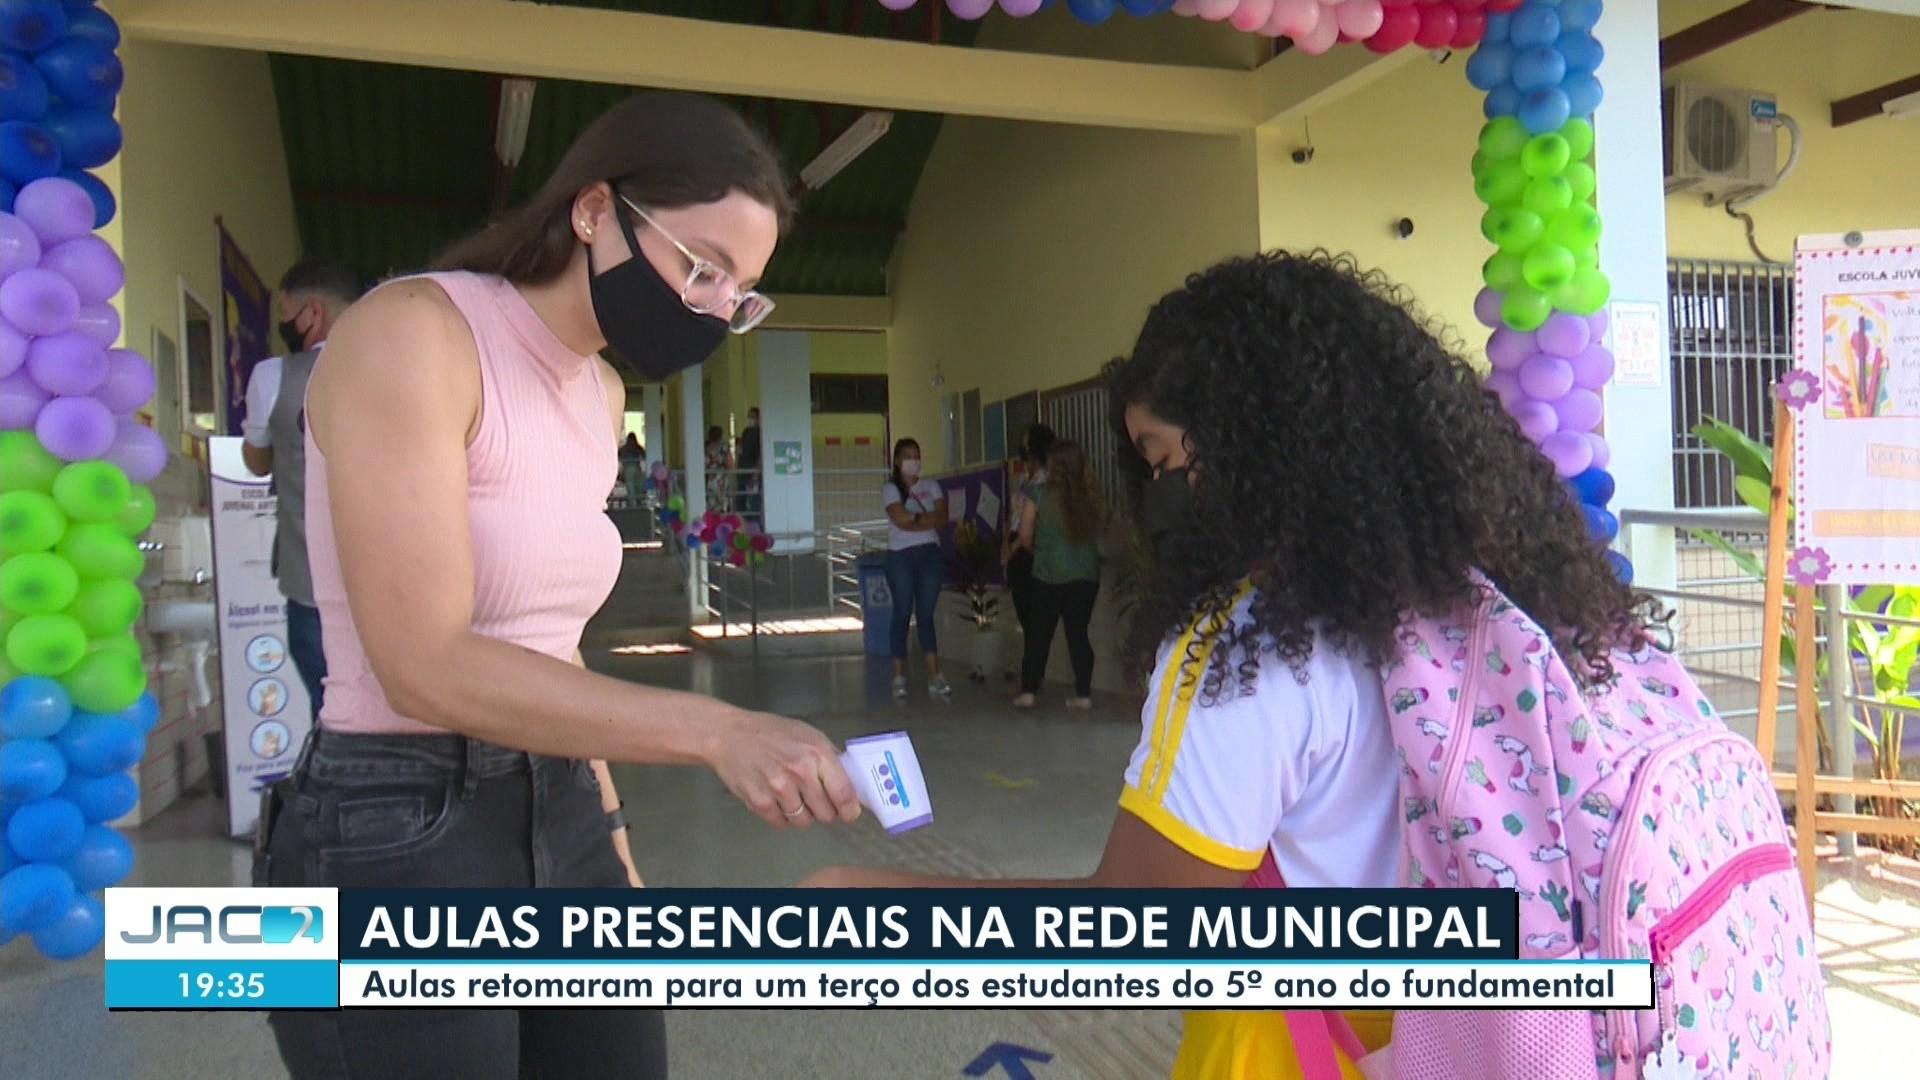 VÍDEOS: Jornal do Acre 2ª edição - AC de segunda-feira, 18 de outubro